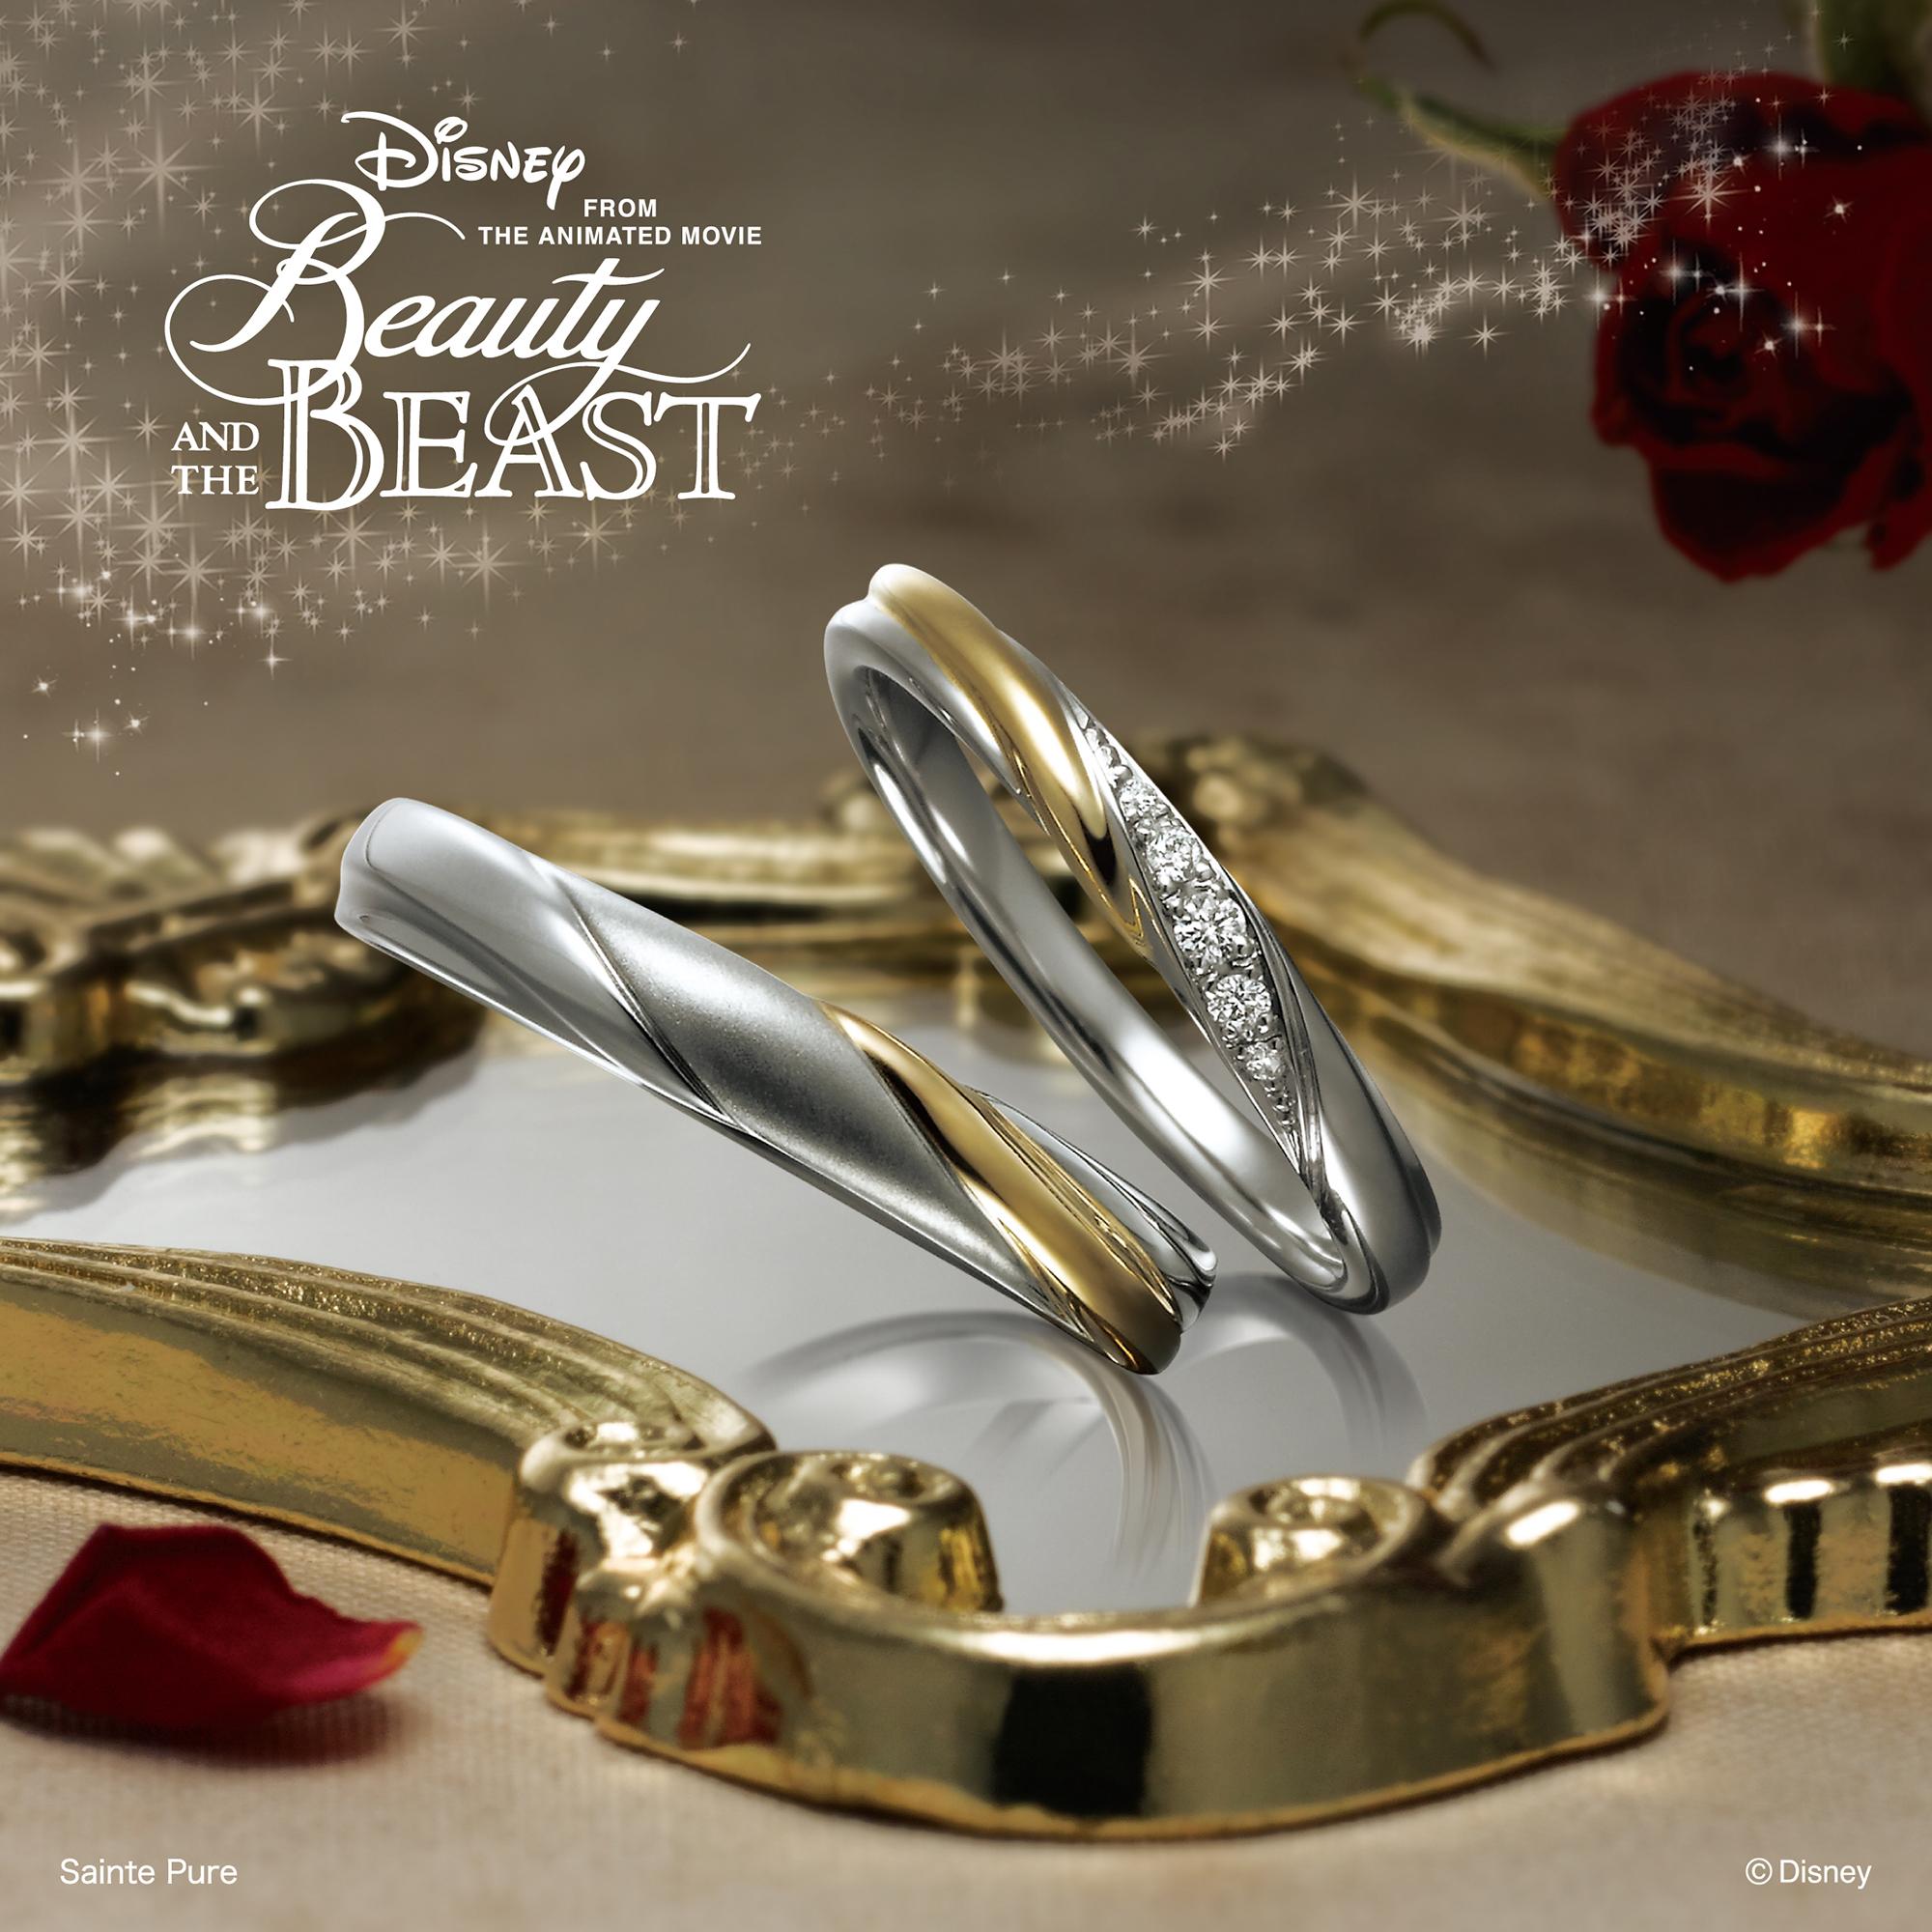 広島県広島広島市福山福山市のVANillAヴァニラとDisneyディズニーでbeautyandthebeast美女と野獣の婚約指輪エンゲージリングと結婚指輪マリッジリングのSparkleofLoveスパークルオブラブ